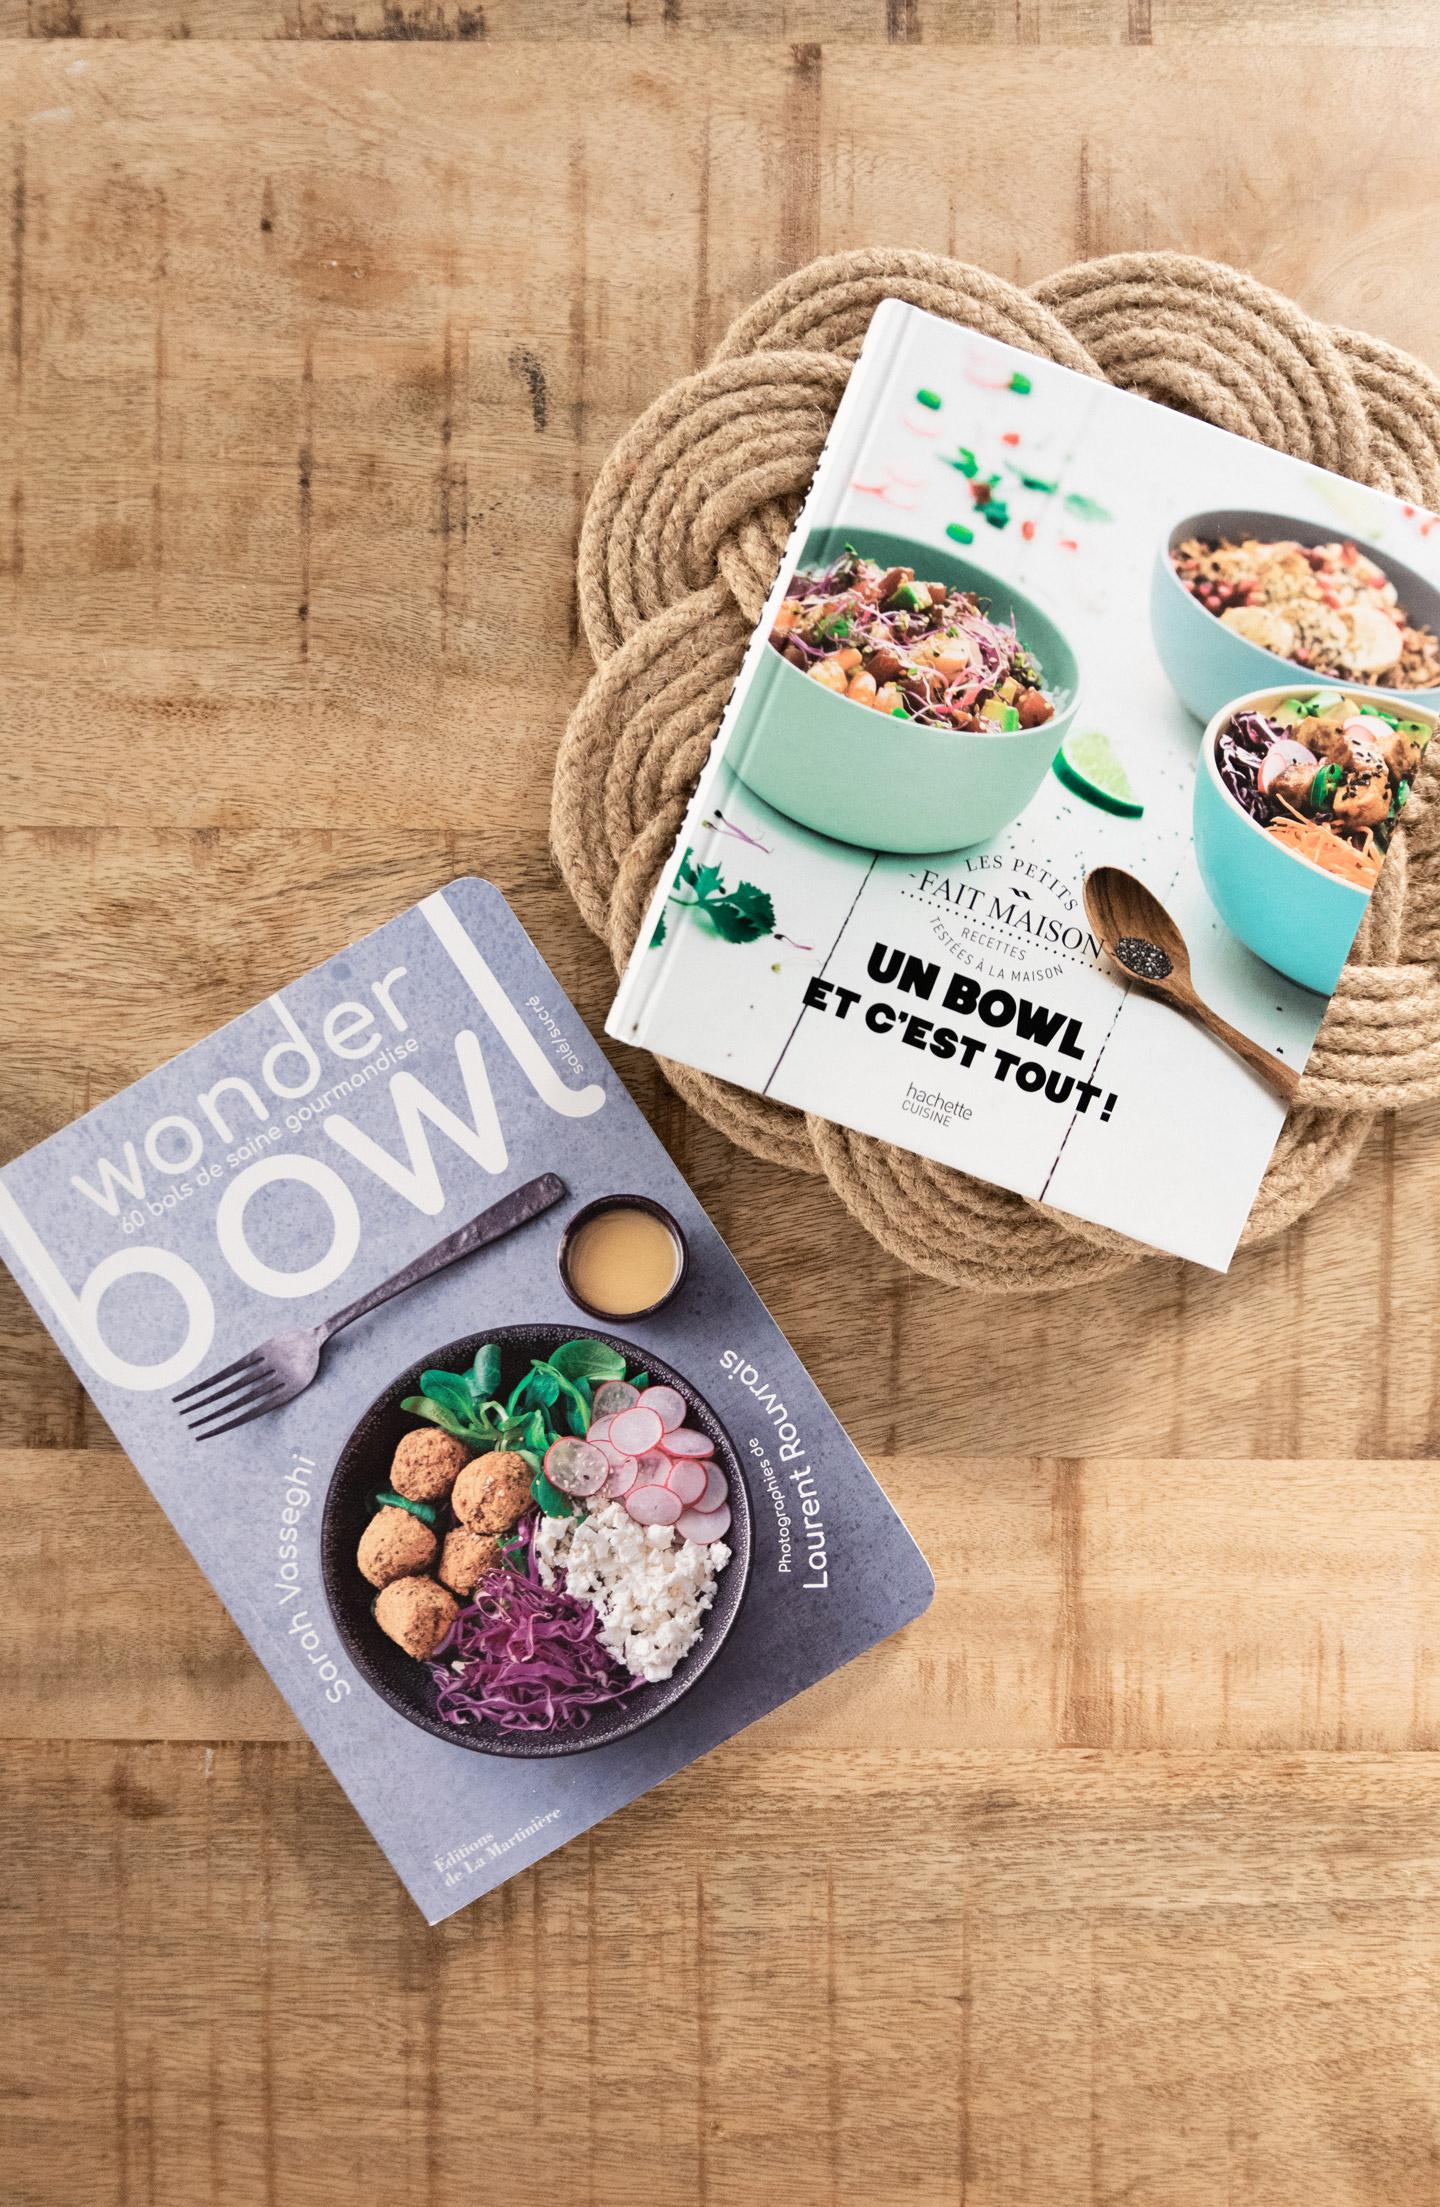 livres-bowls-recettes